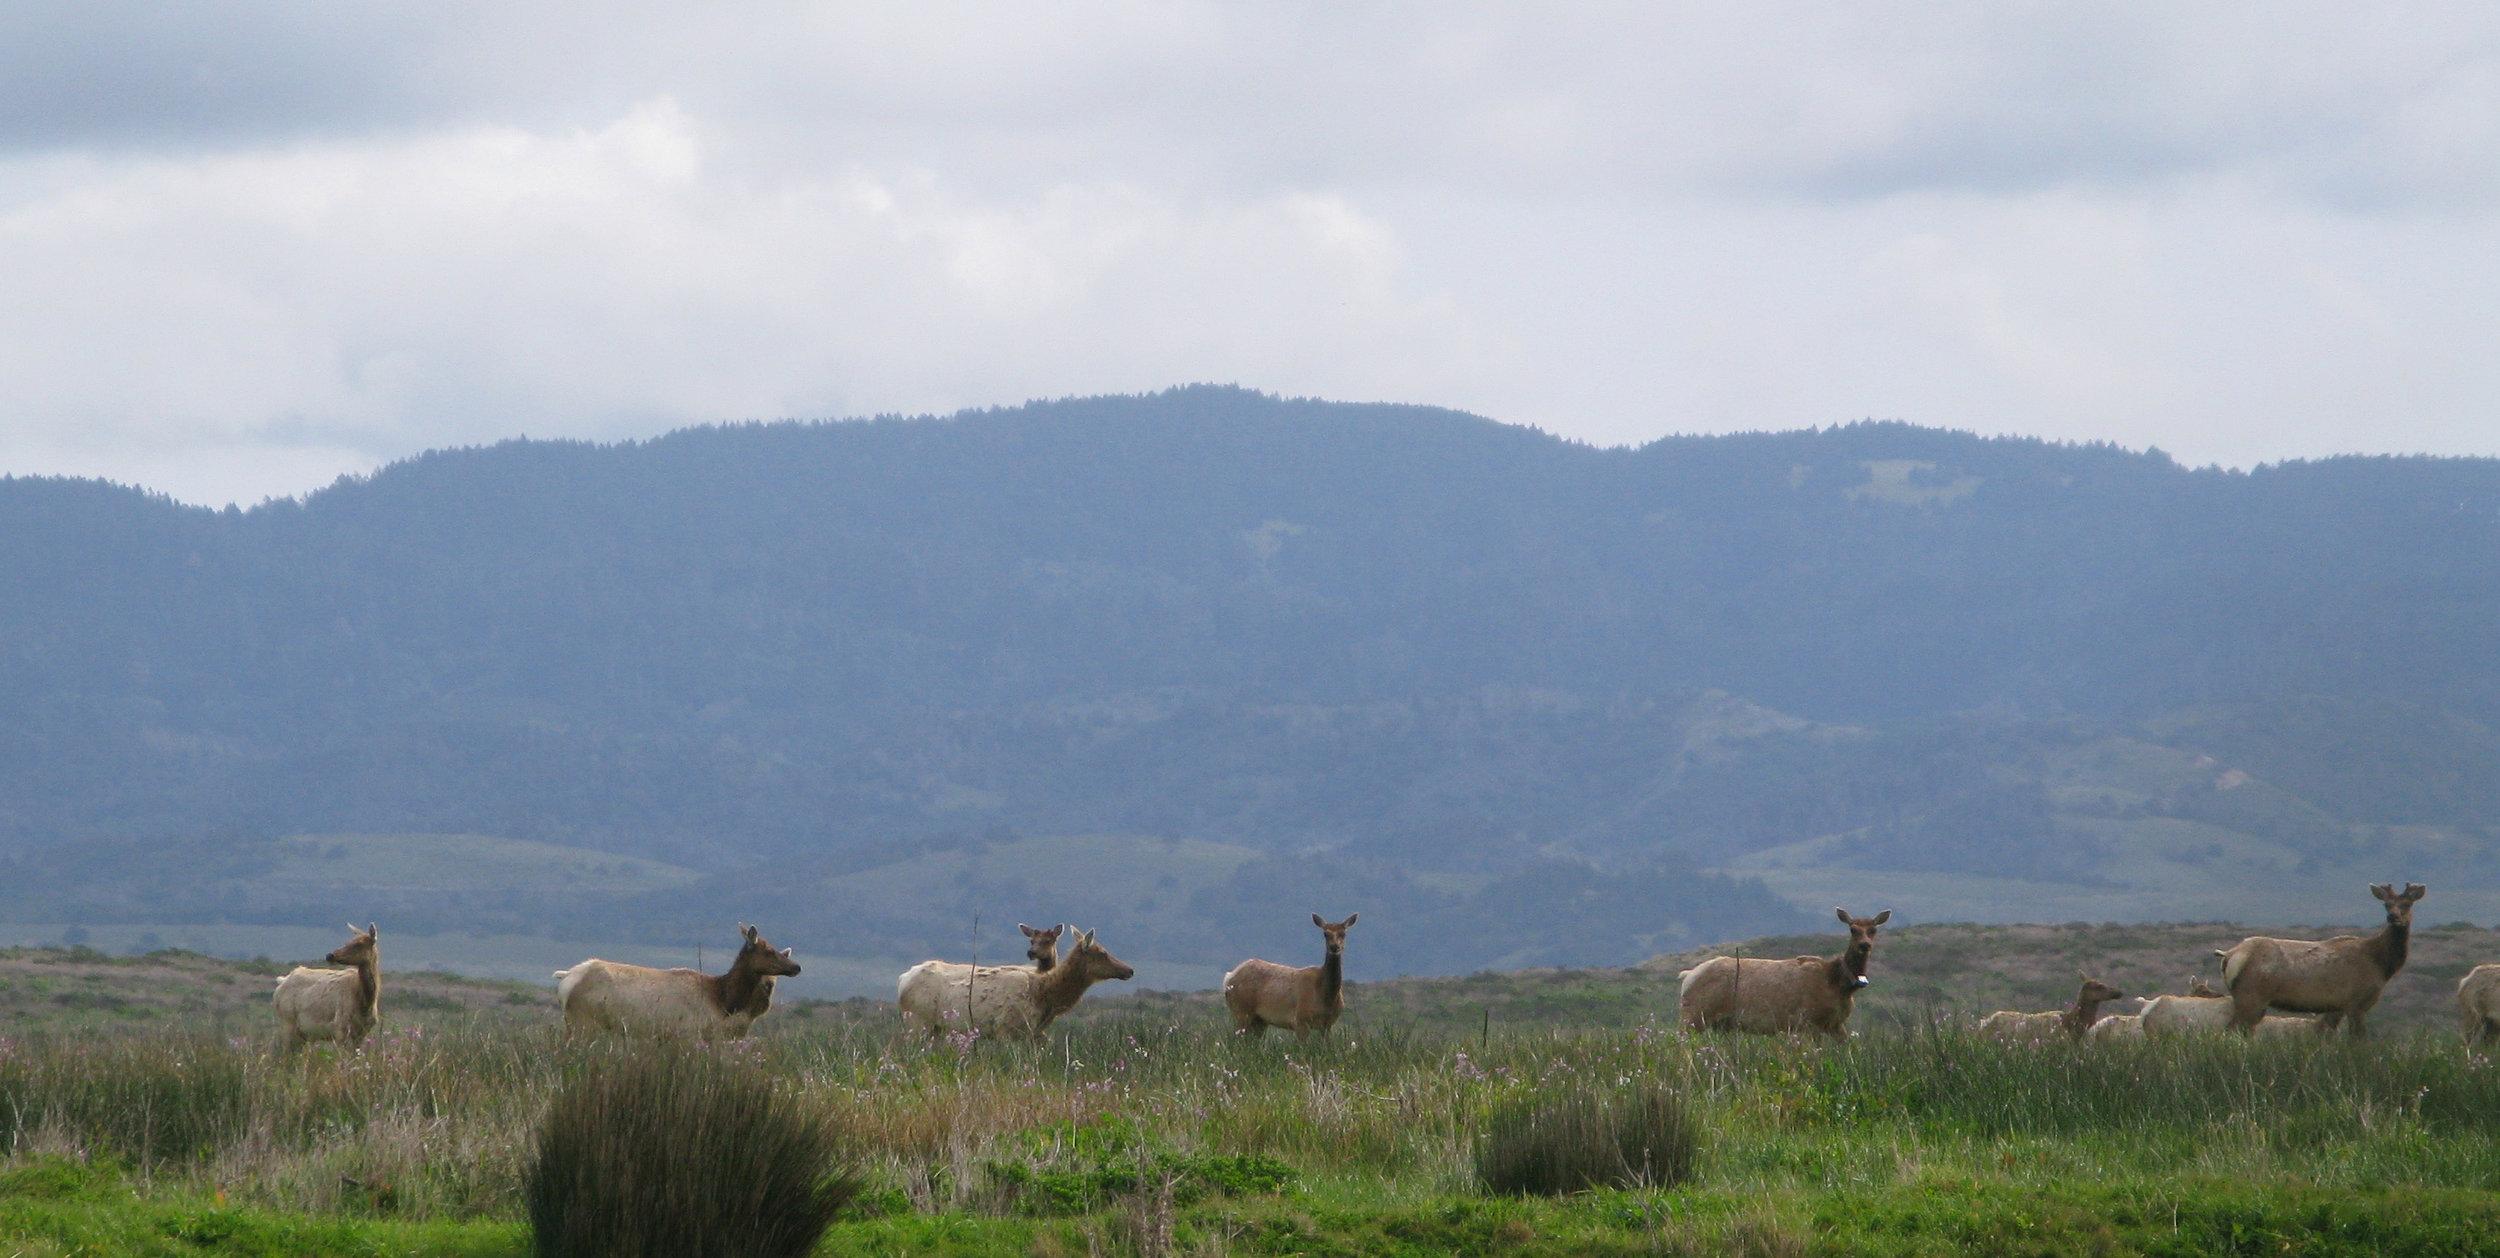 Pt-Reyes-tule-elk-D-Ranch-hi.jpg